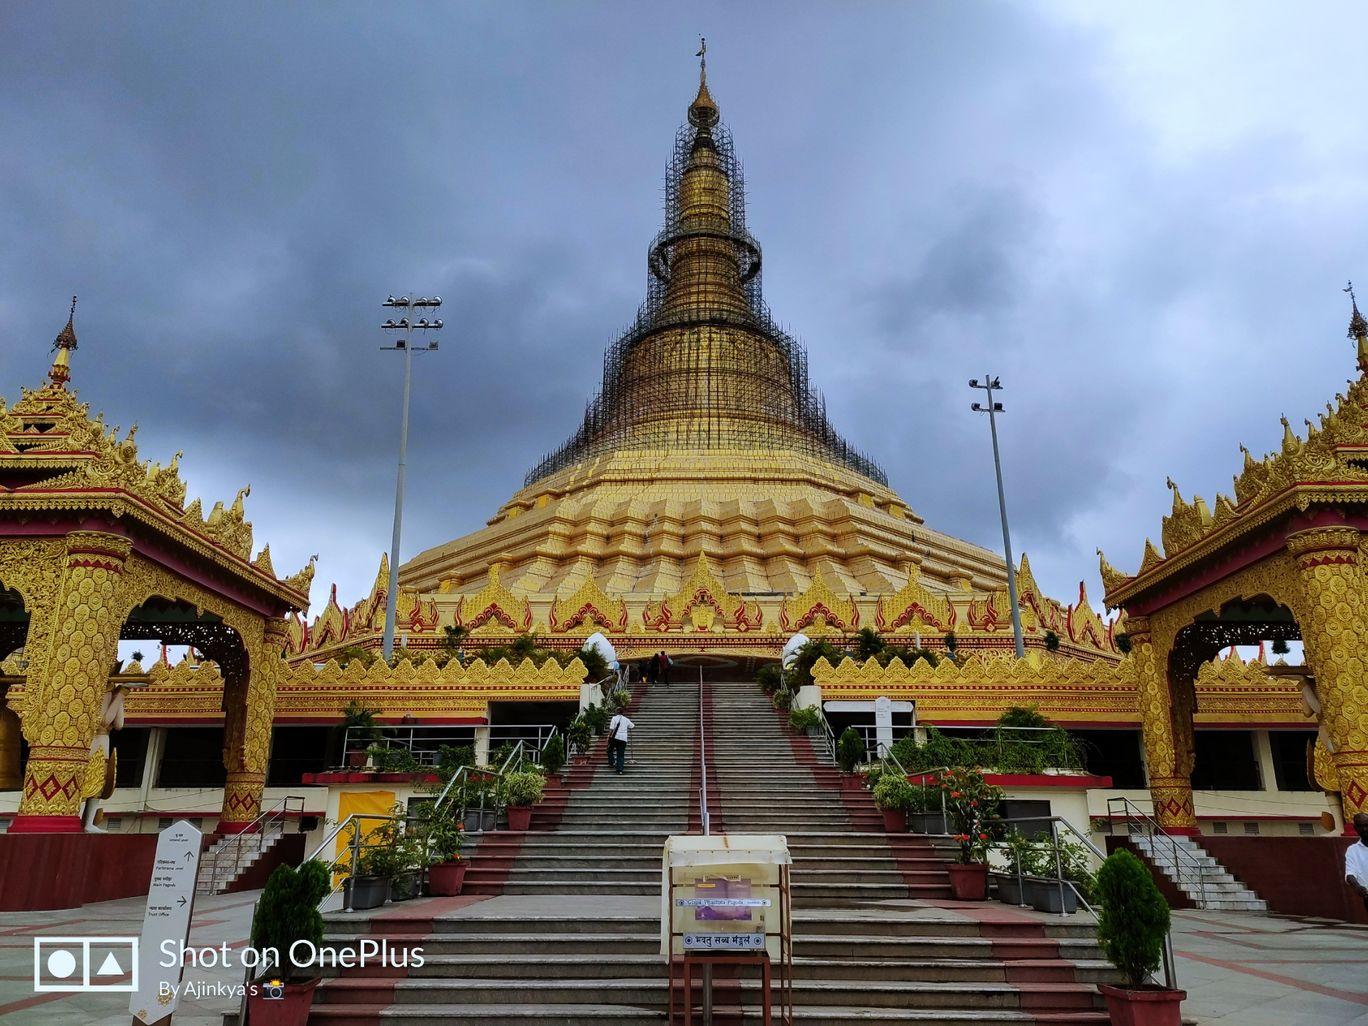 Photo of Global Vipassana Pagoda By Ajinkya Shahane